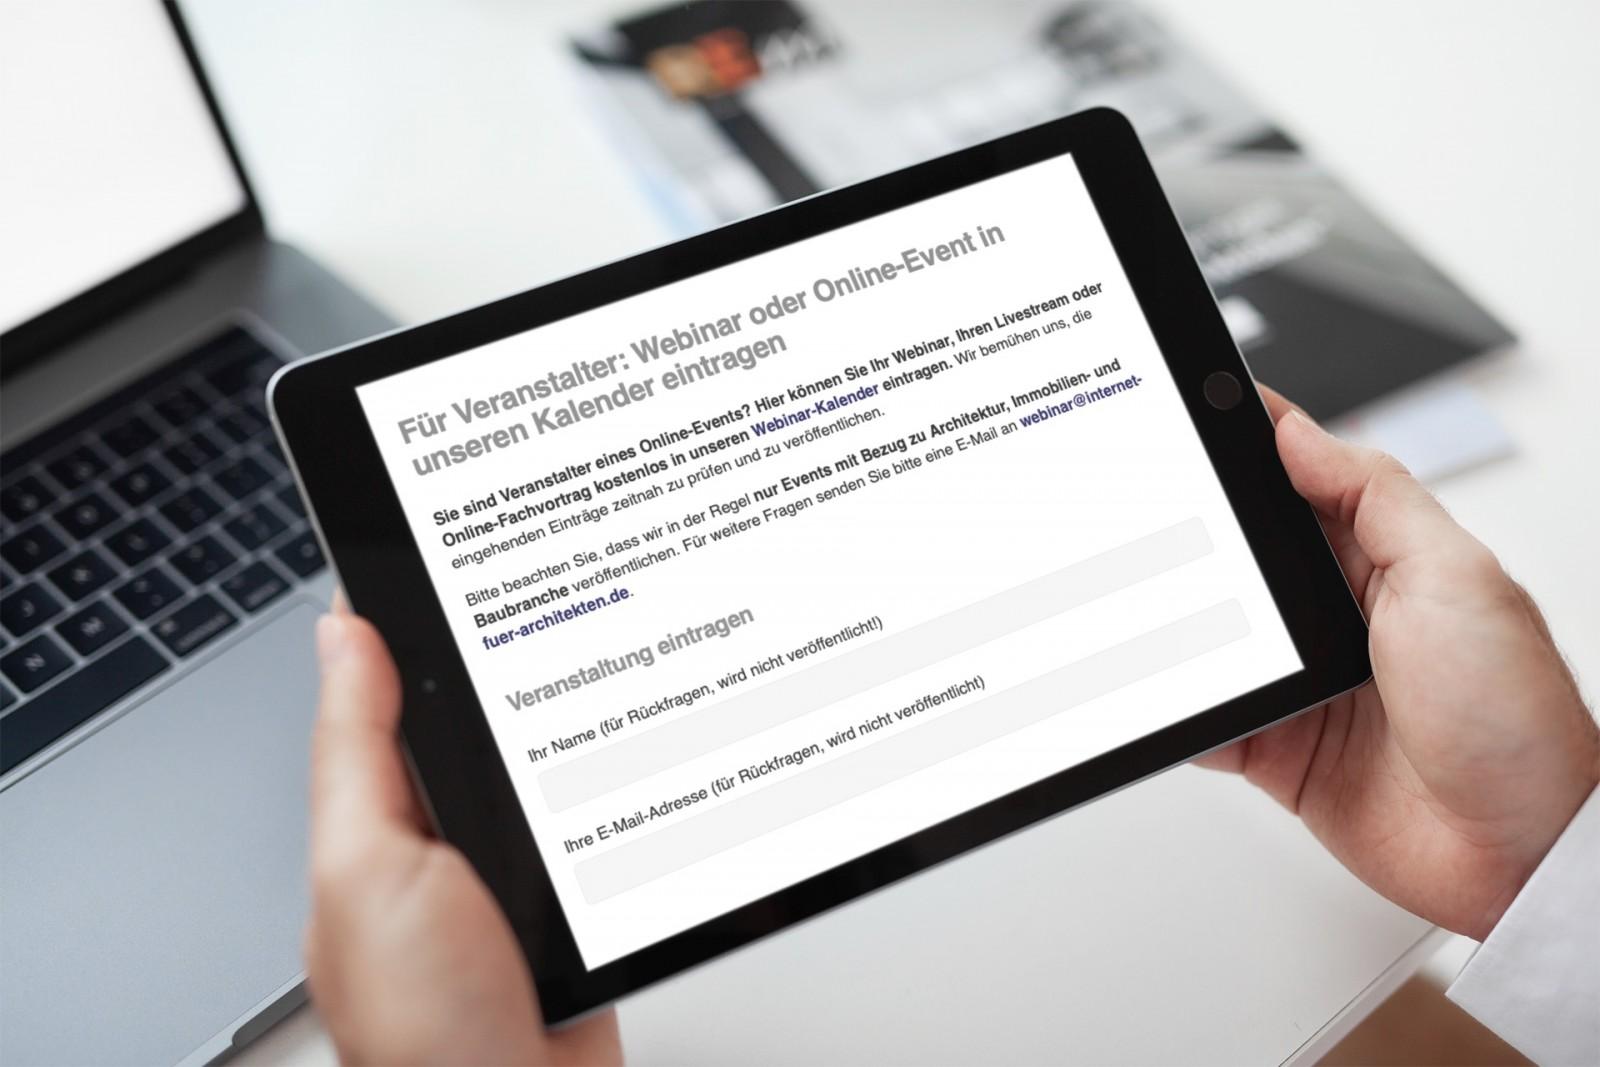 Online-Seminare und Livestreams aus Architektur und Bauwesen kostenlos veröffentlichen (Foto: Internet-fuer-Architekten.de)